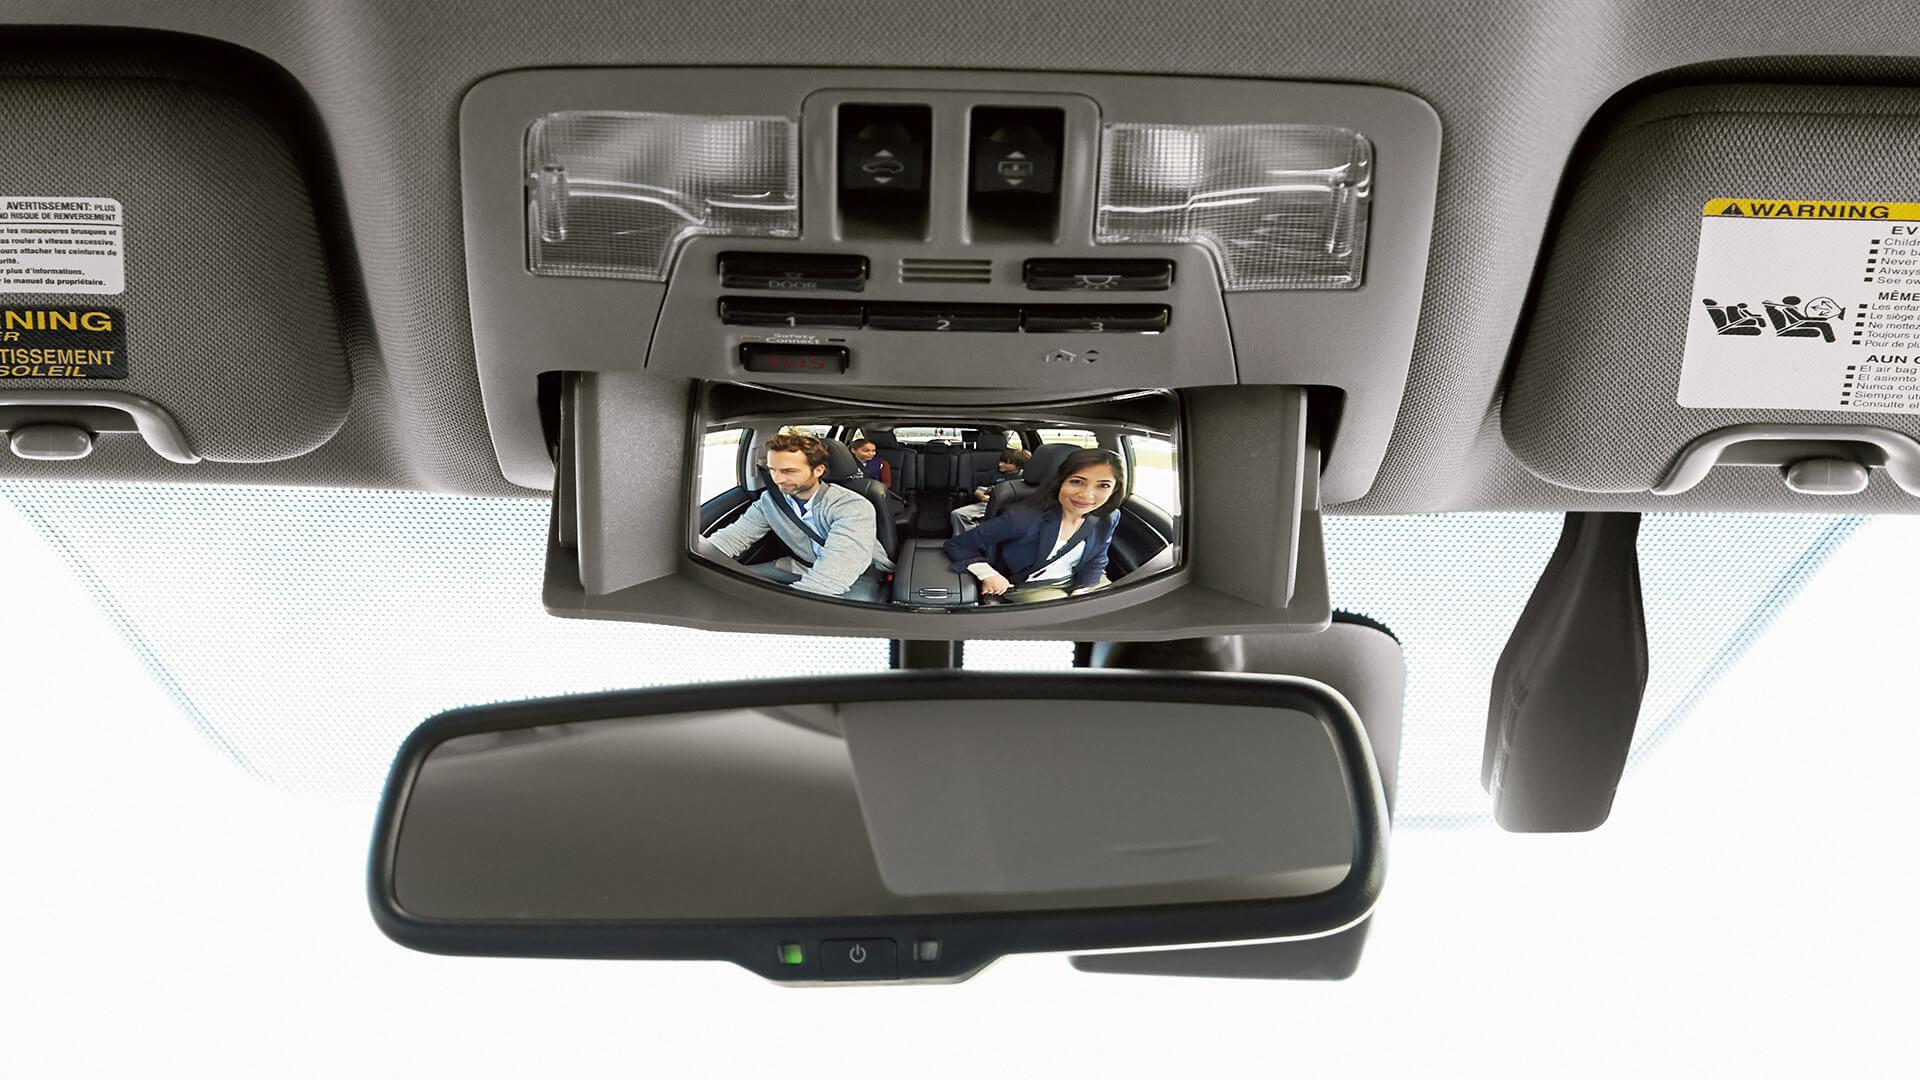 2016 Toyota Highlander mirror